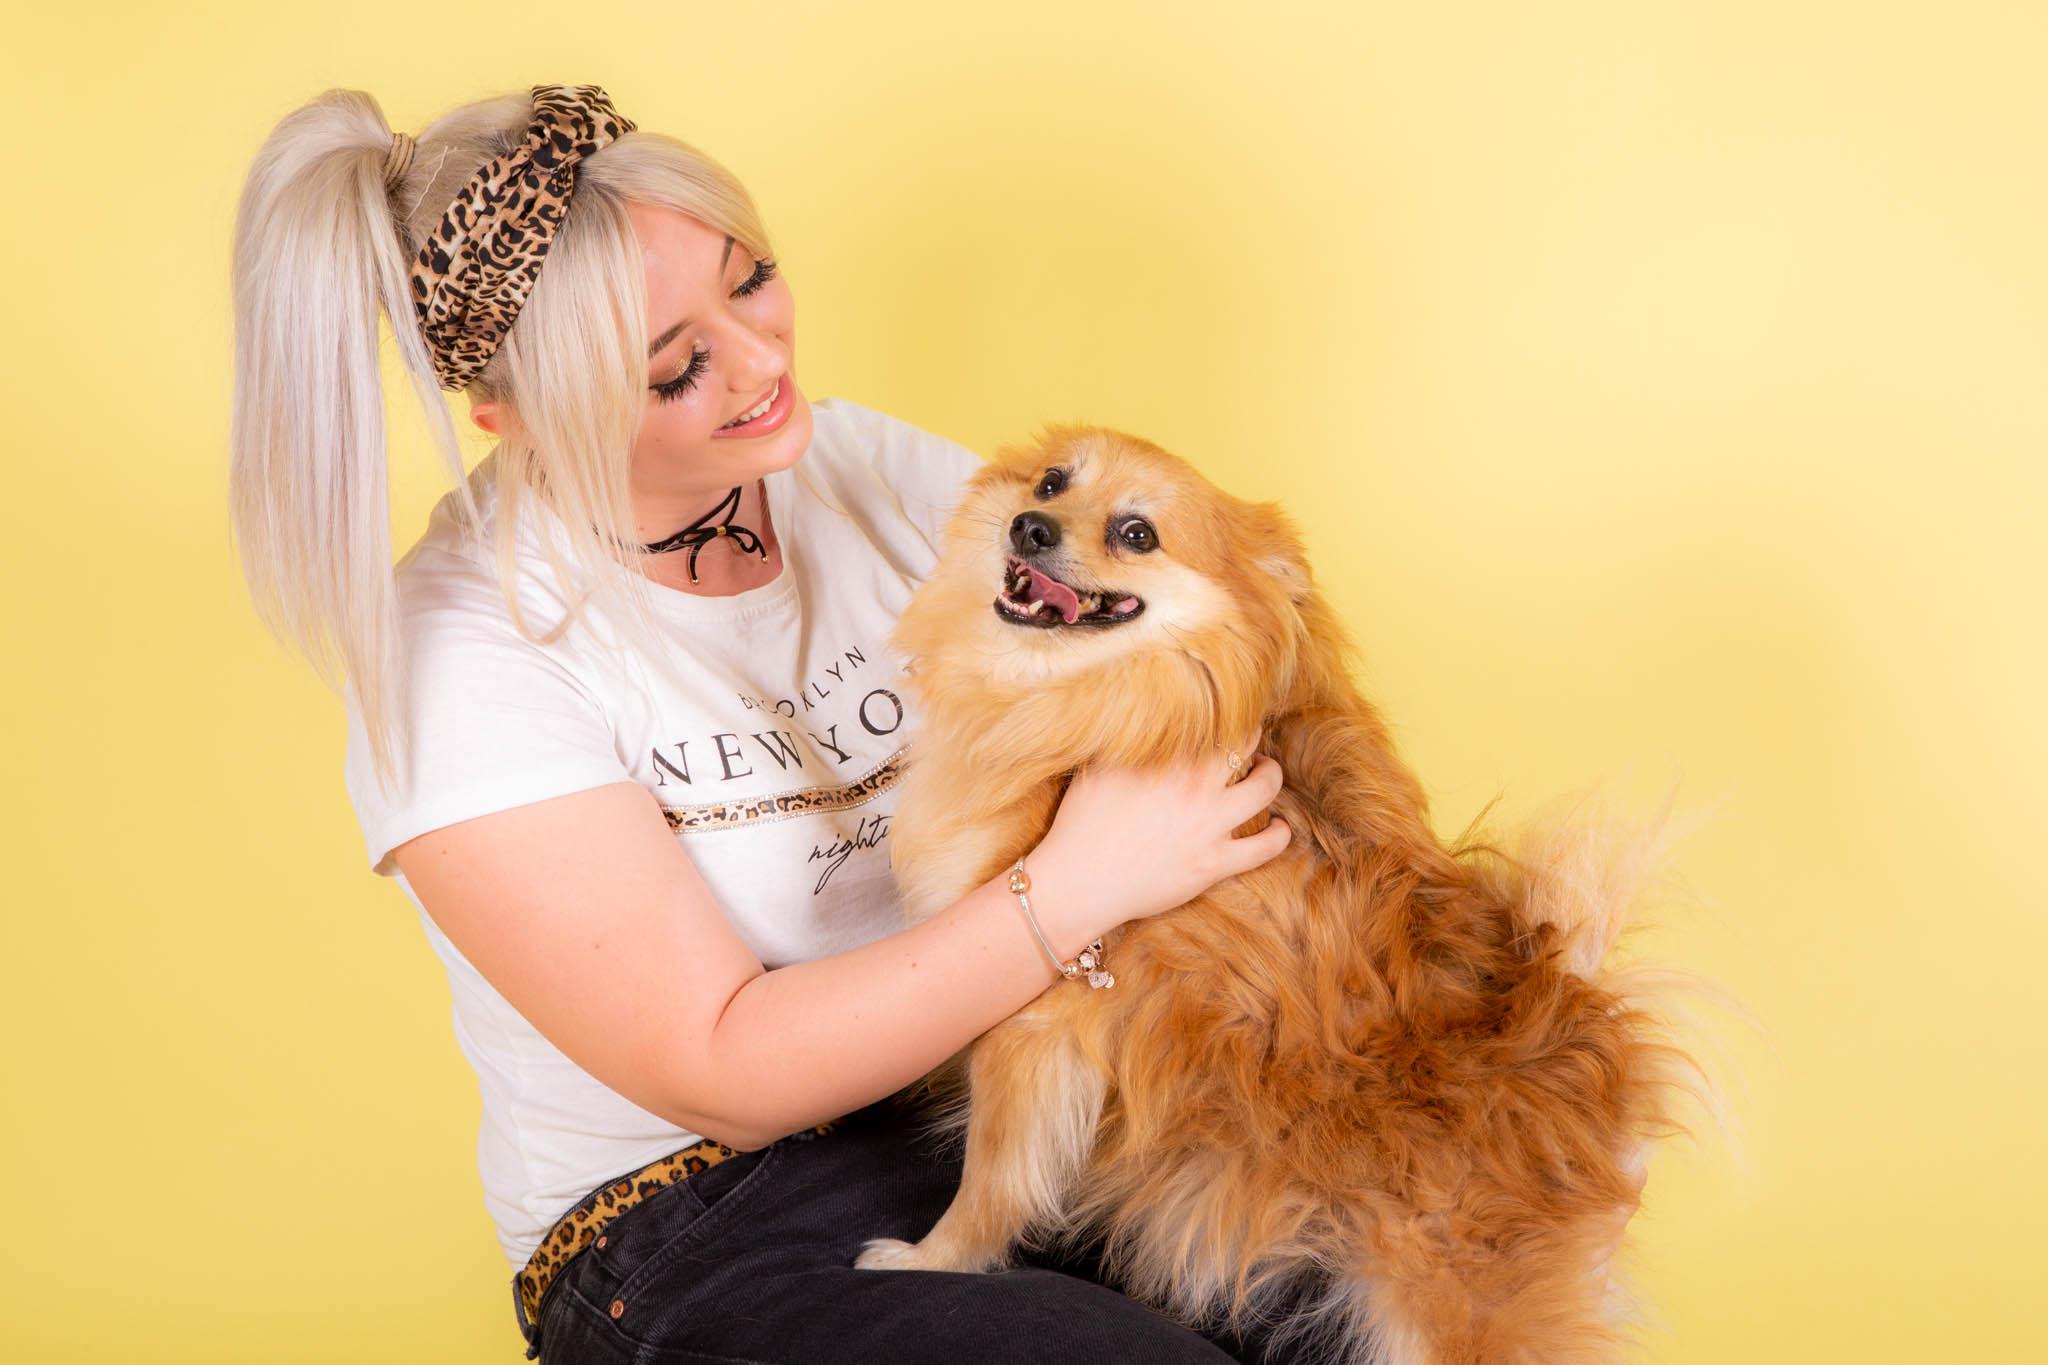 lady with dog portrait